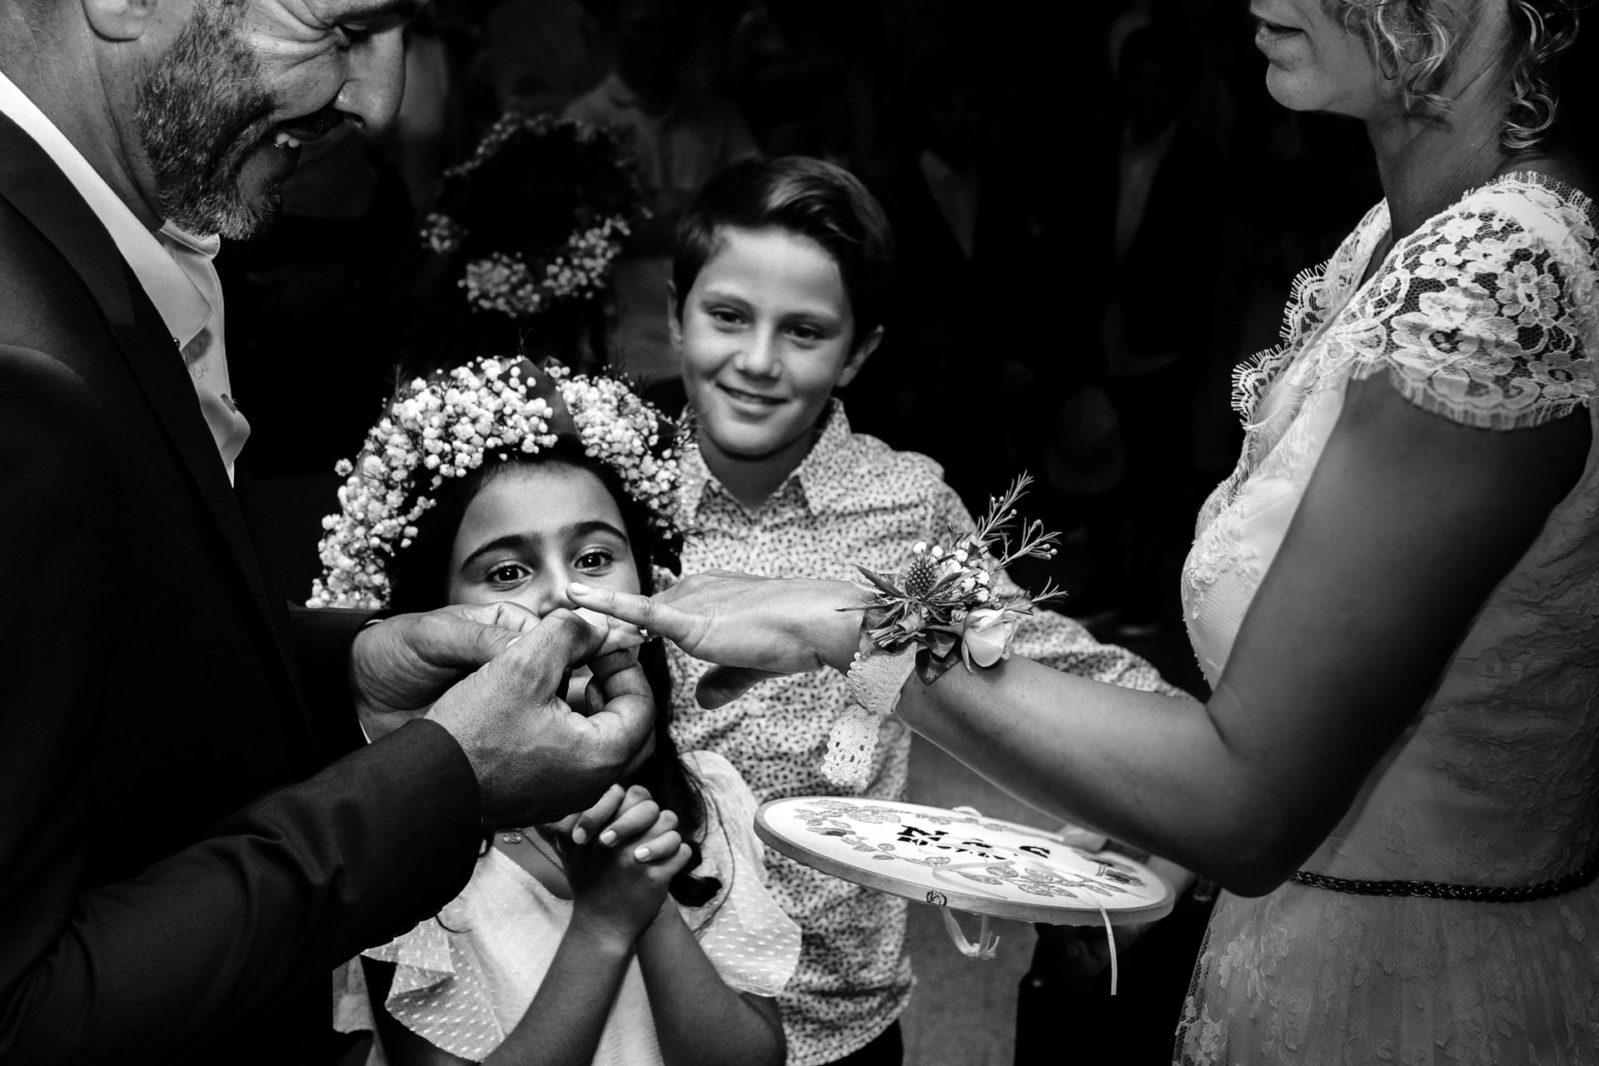 les enfants heureux du mariage de leur parents par Ernestine et sa famille photographe de mariage à l'approche reportage